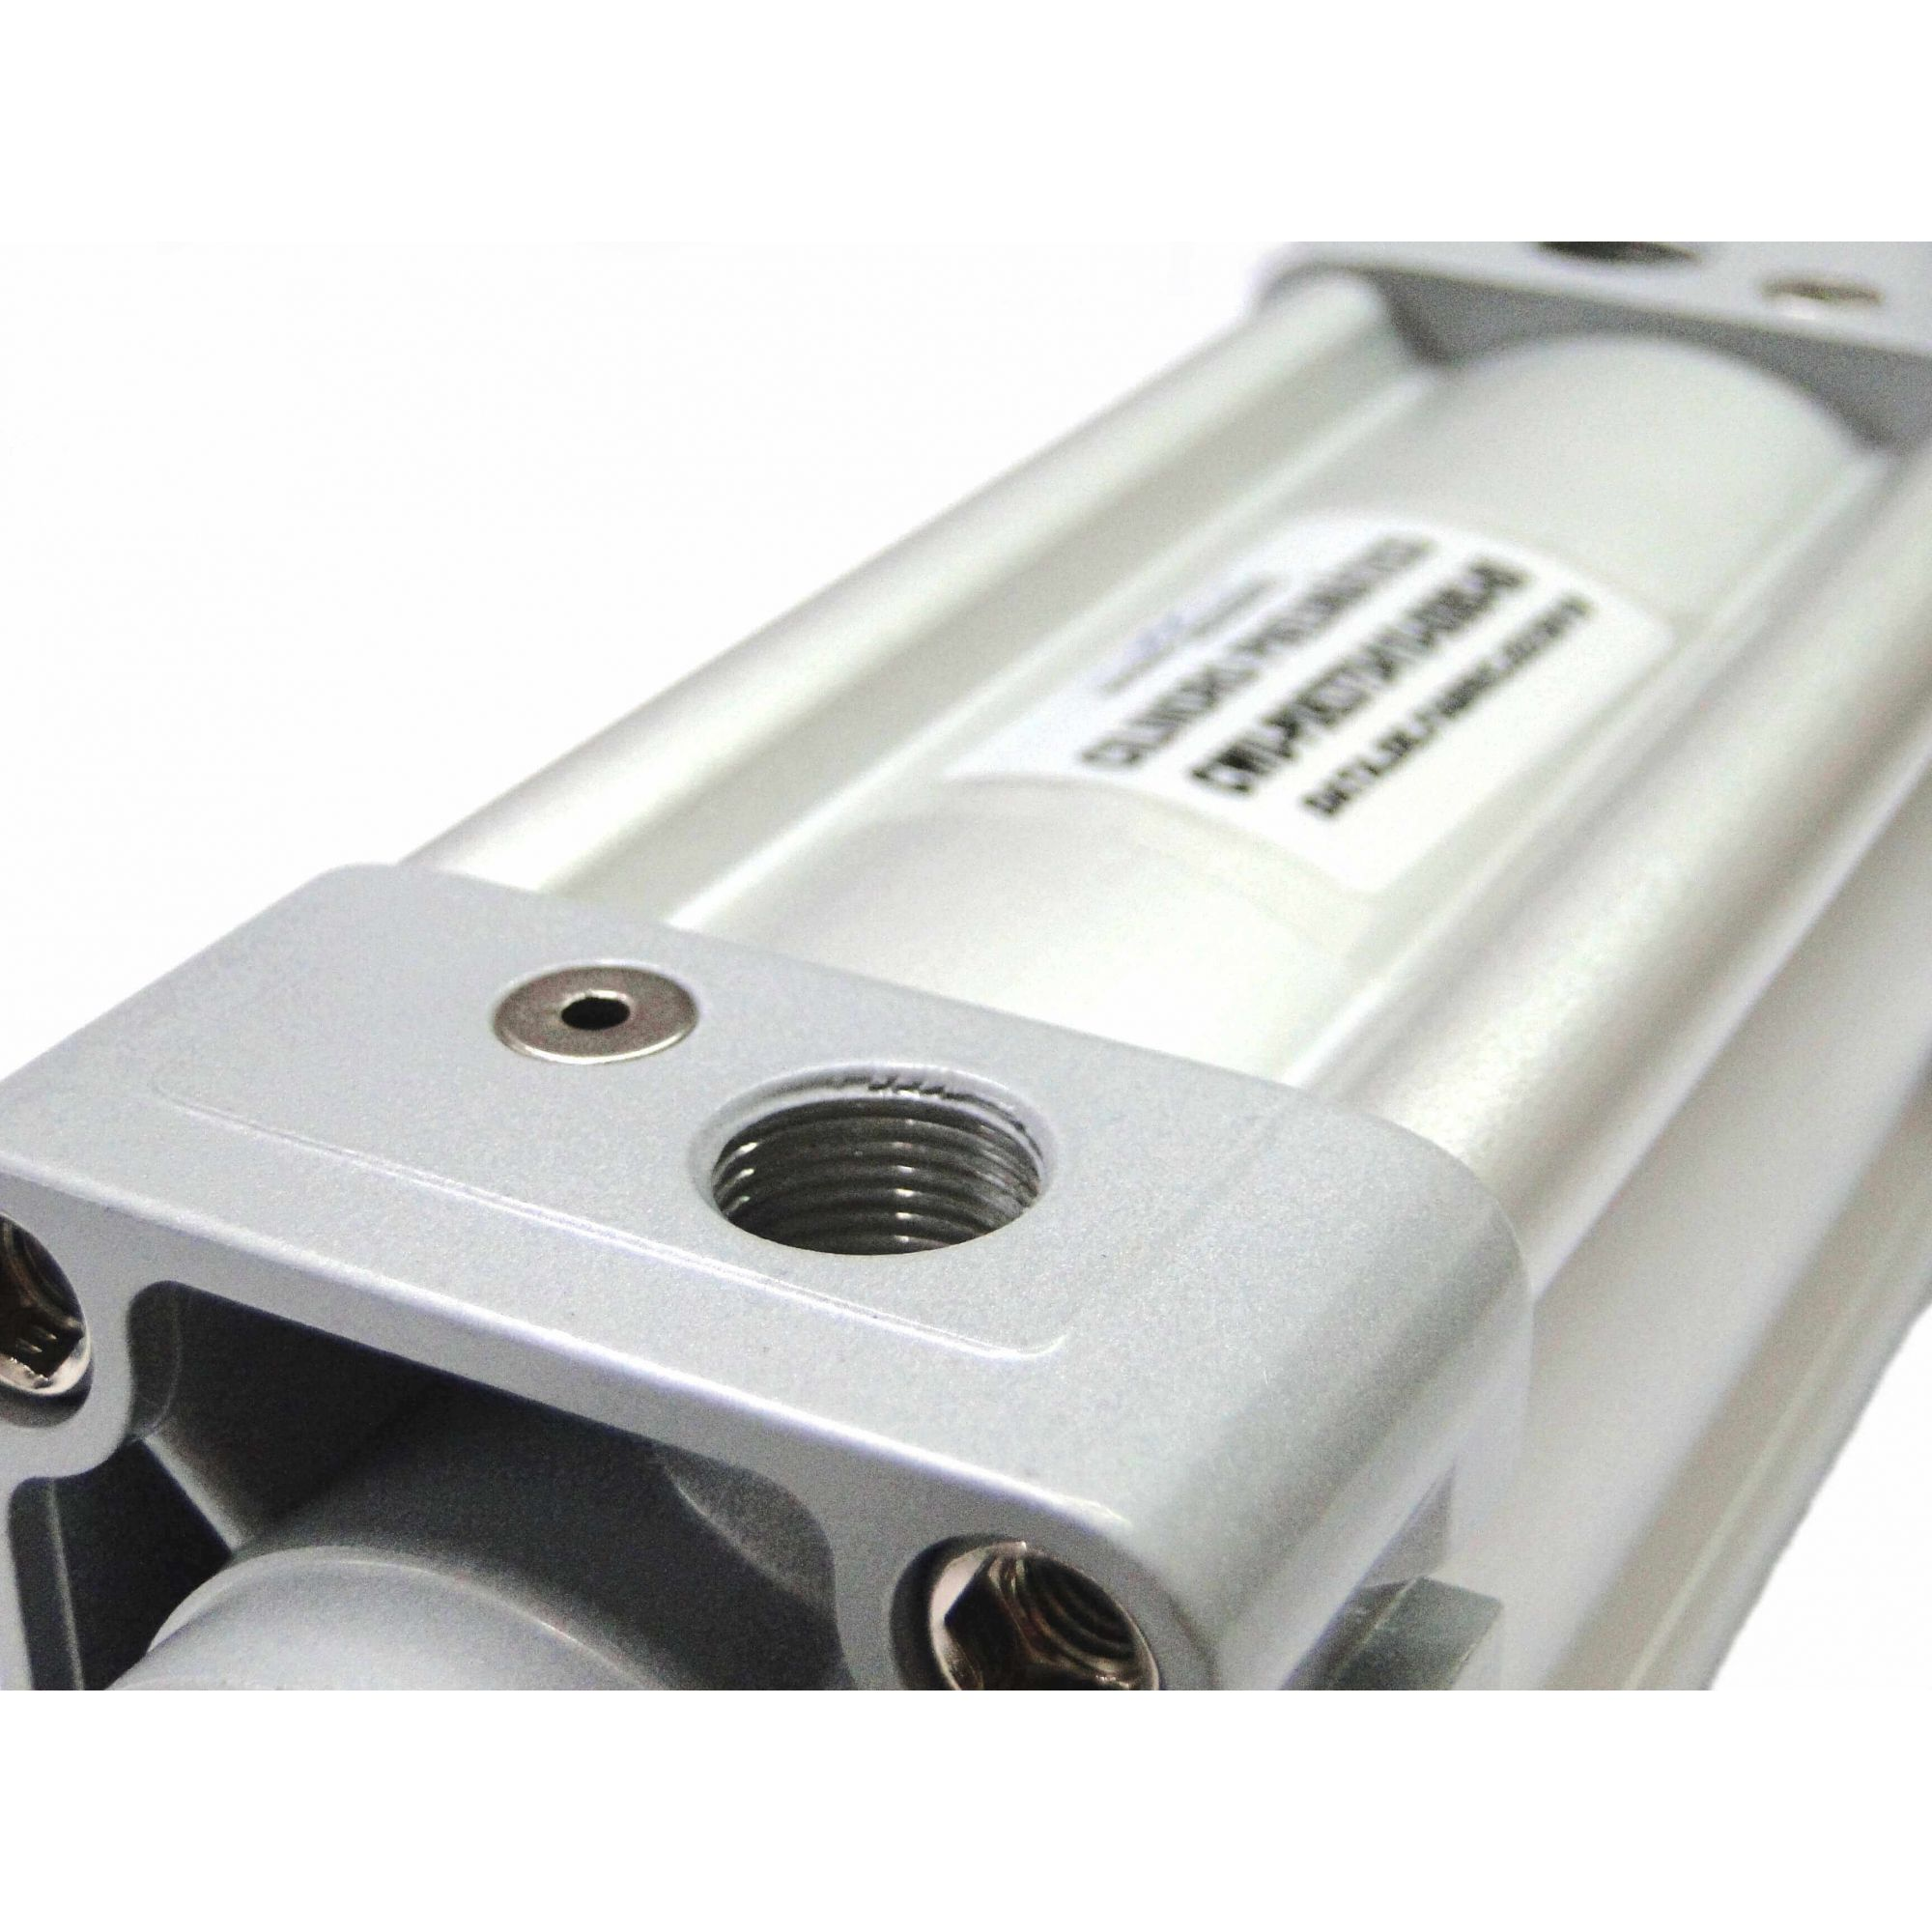 Cilindro Pneumático Iso Dupla Ação Diâmetro de 63mm x Curso de 80mm Werk Schott